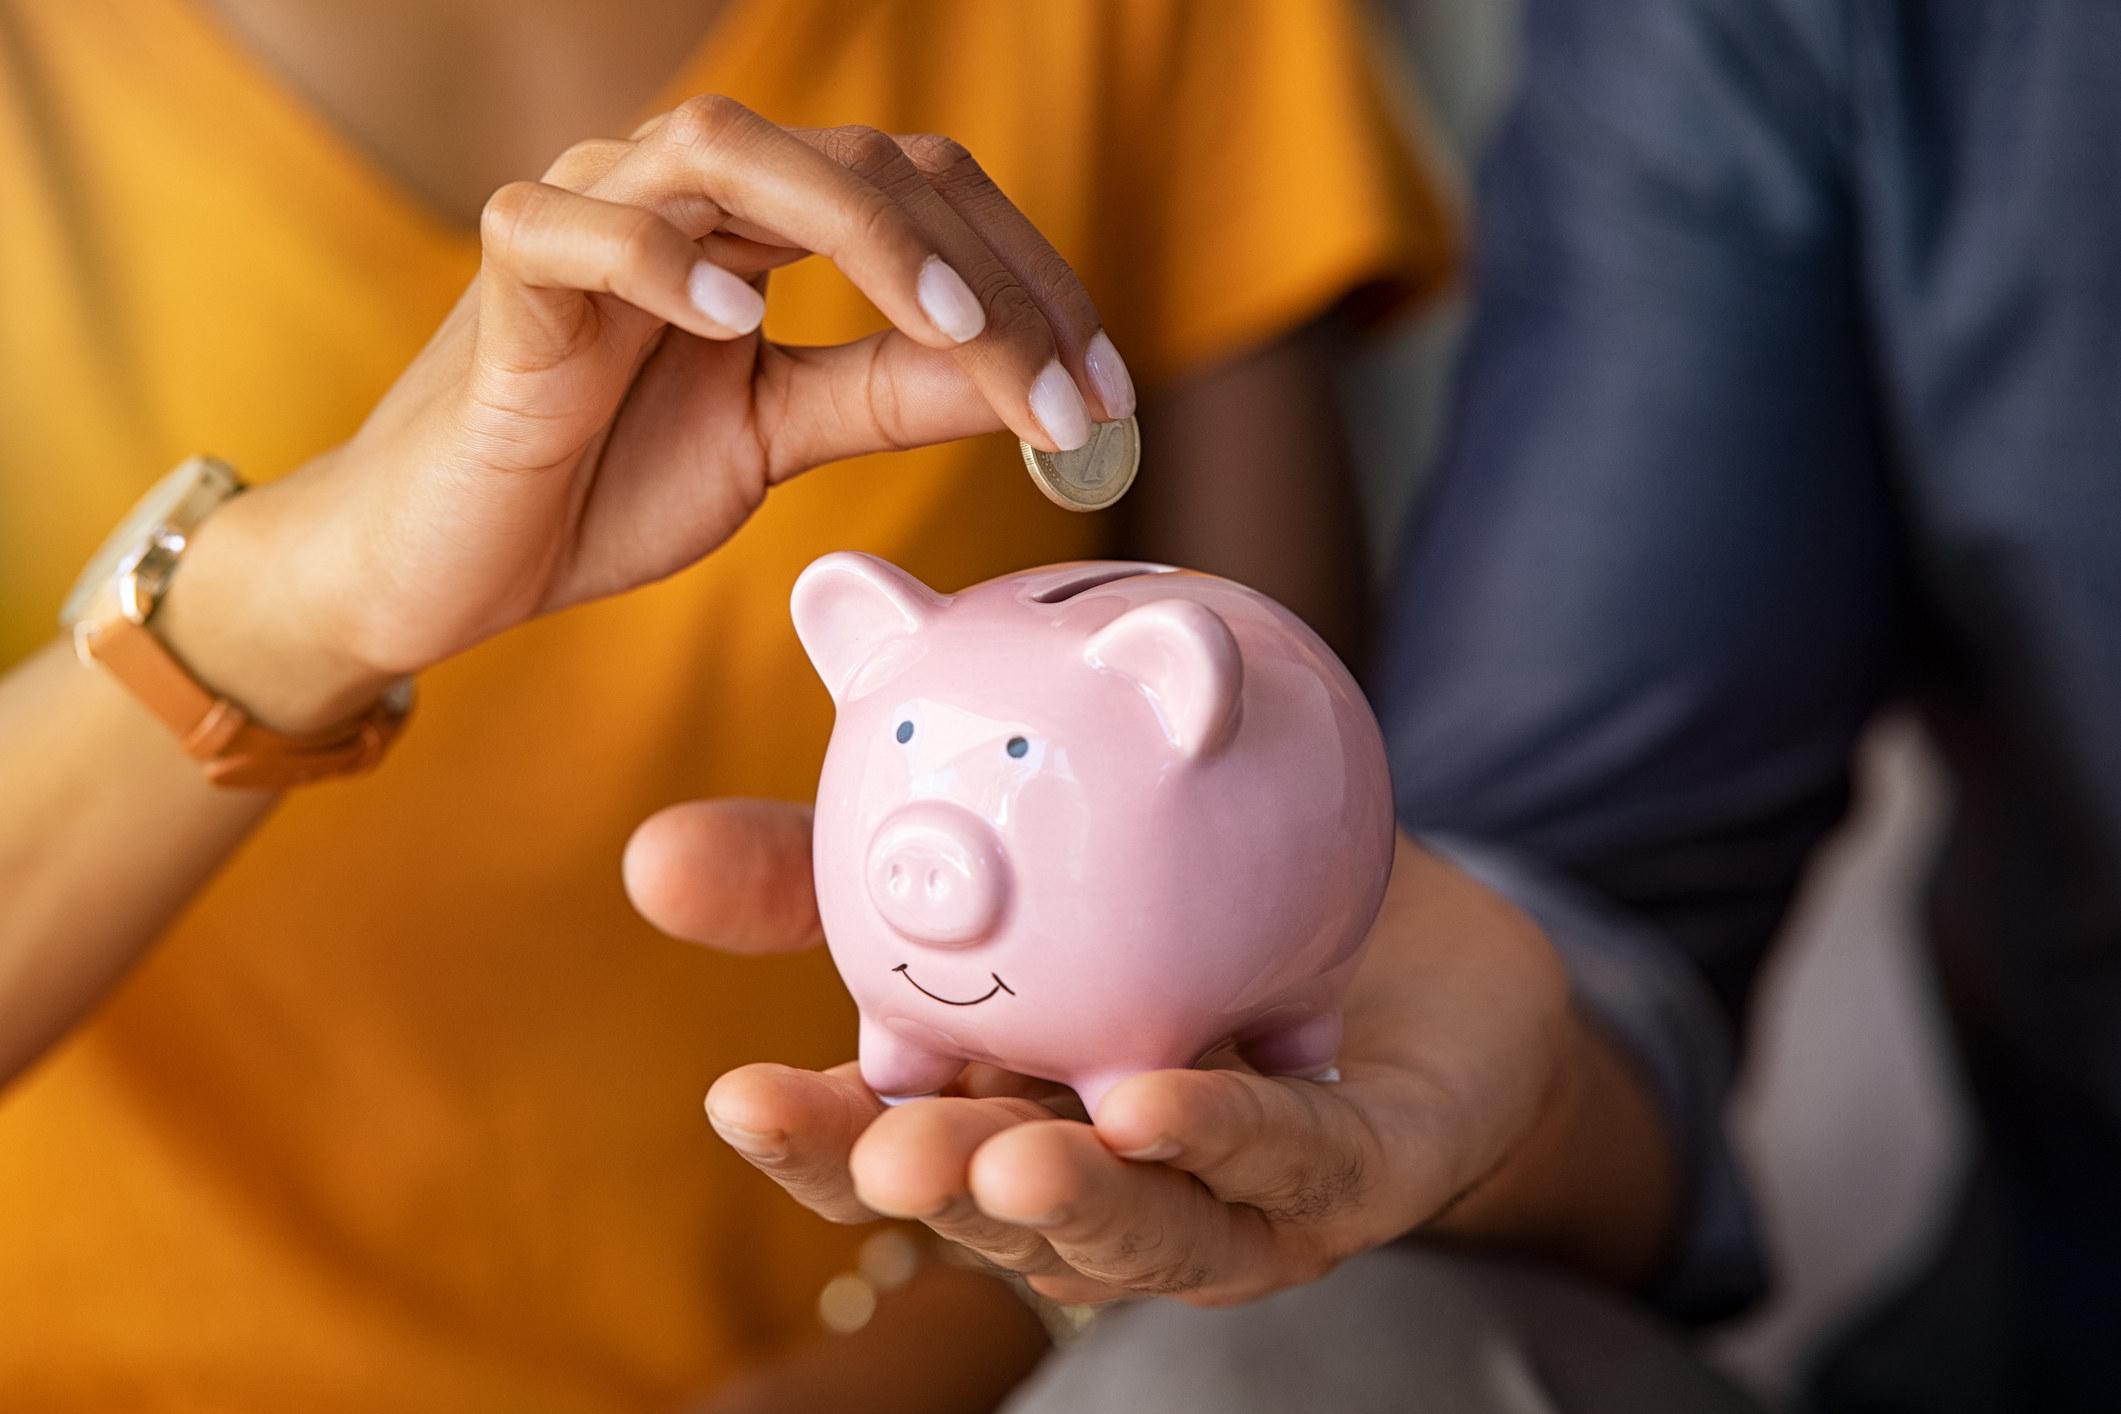 Money in a piggy bank